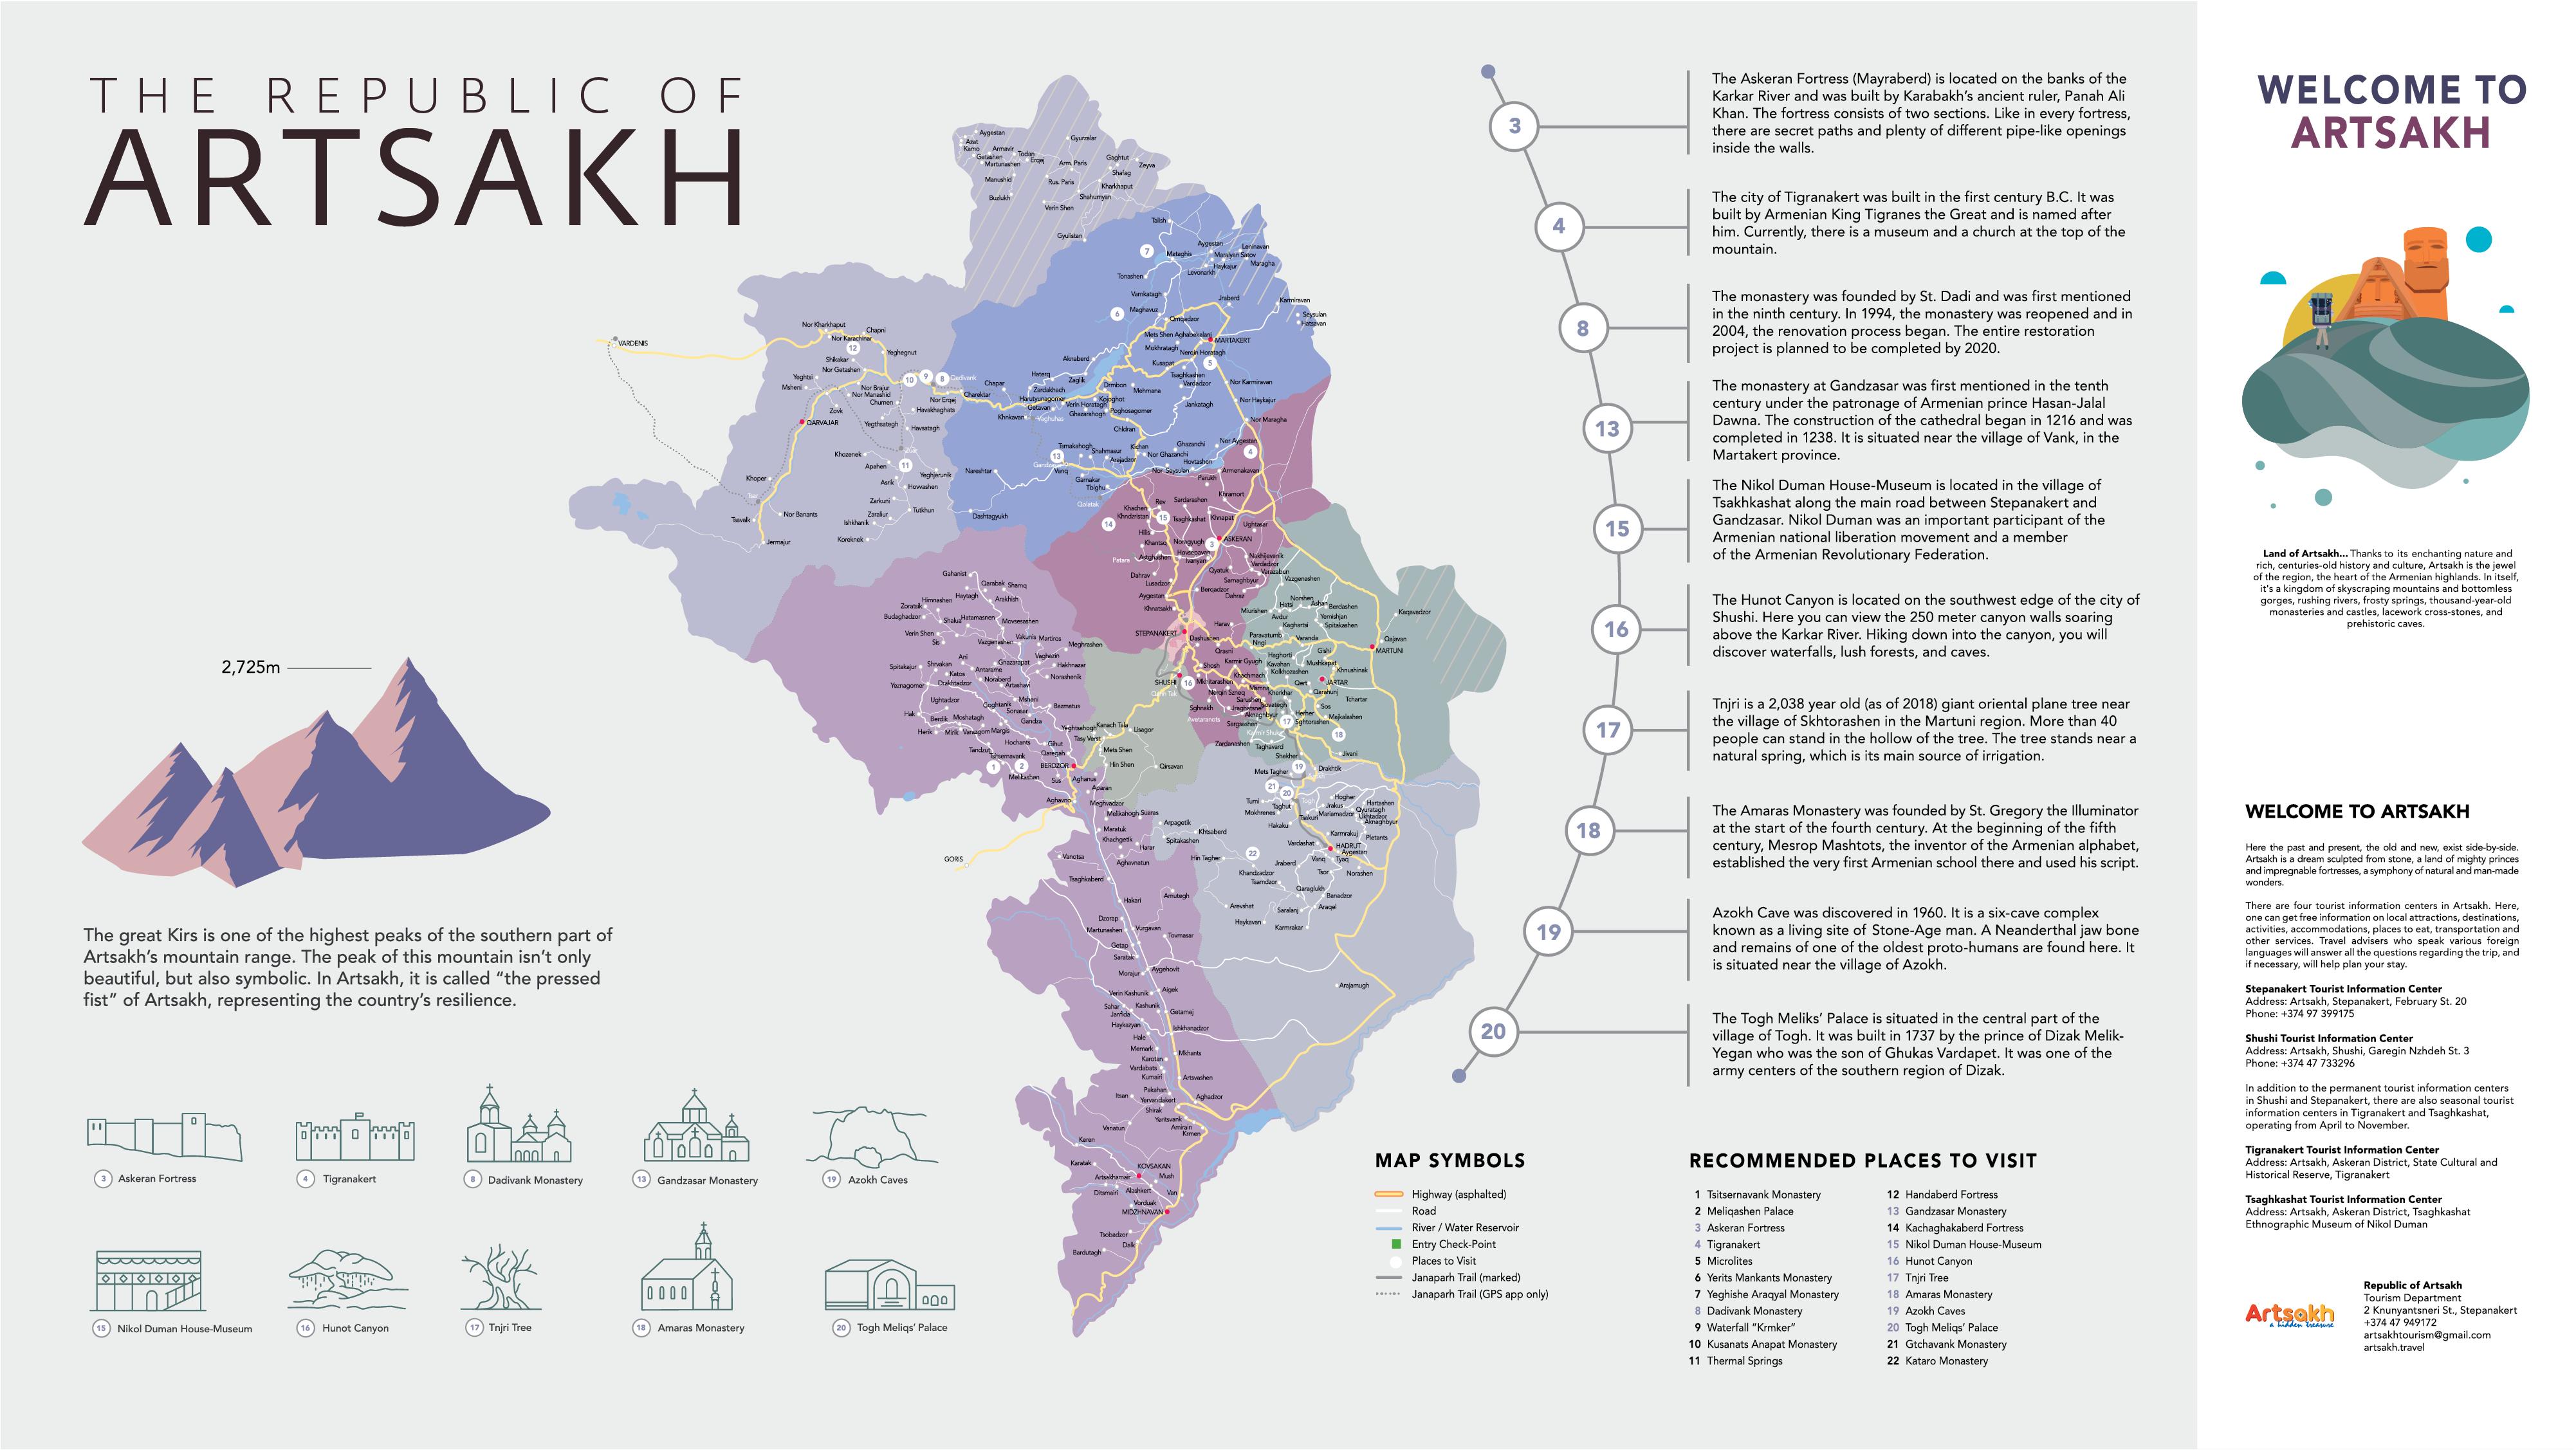 map 04 - Արցախի տուրիստական քարտեզը